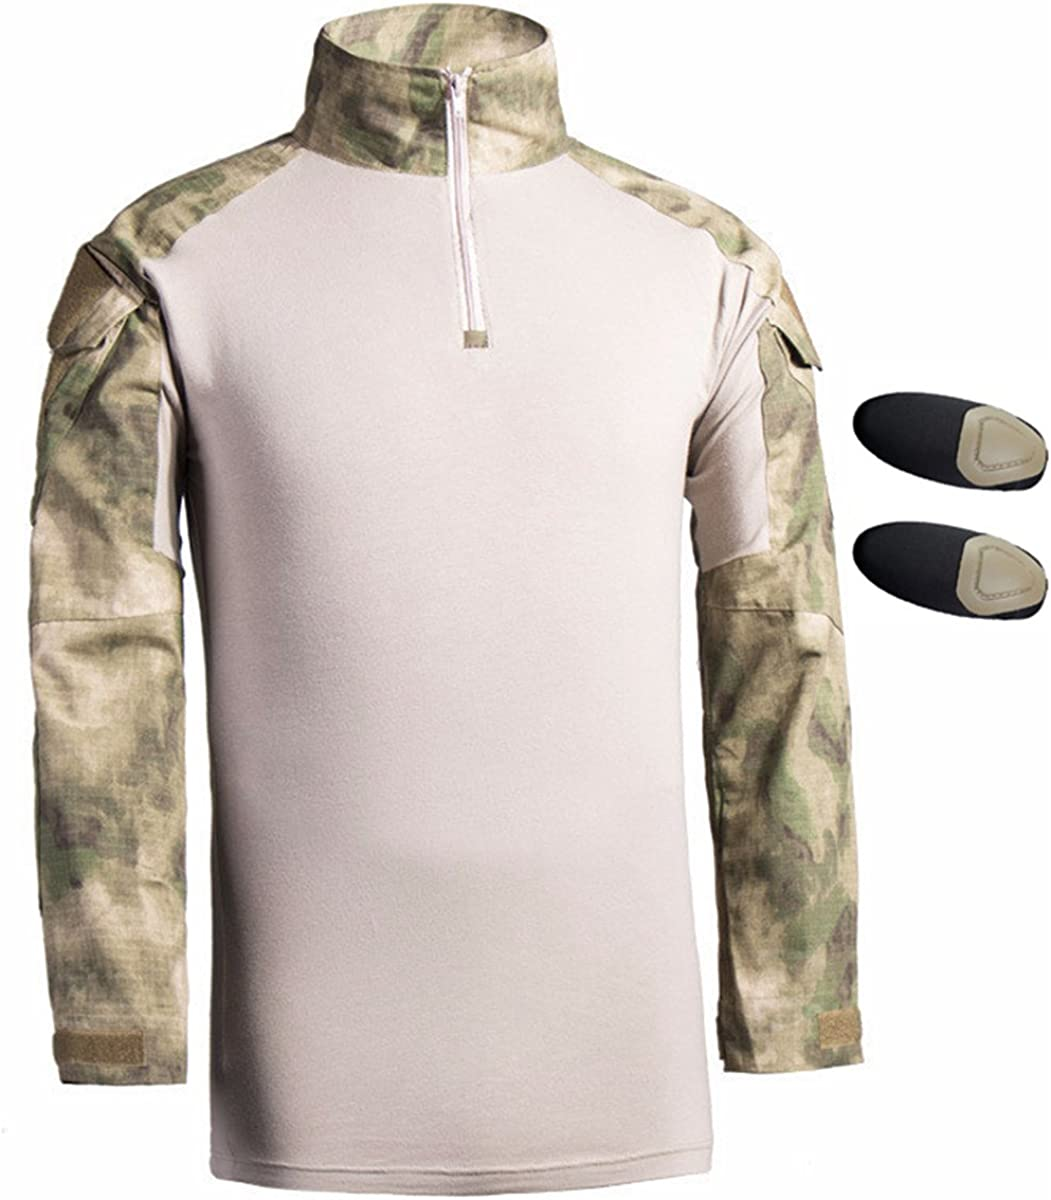 Hombres Airsoft Militar Táctico Camisa Largo Manga Delgado Ajuste Camuflaje Combate Camo Camisetas con Almohadillas de Codo Gobi Woodland Small: Amazon.es: Ropa y accesorios